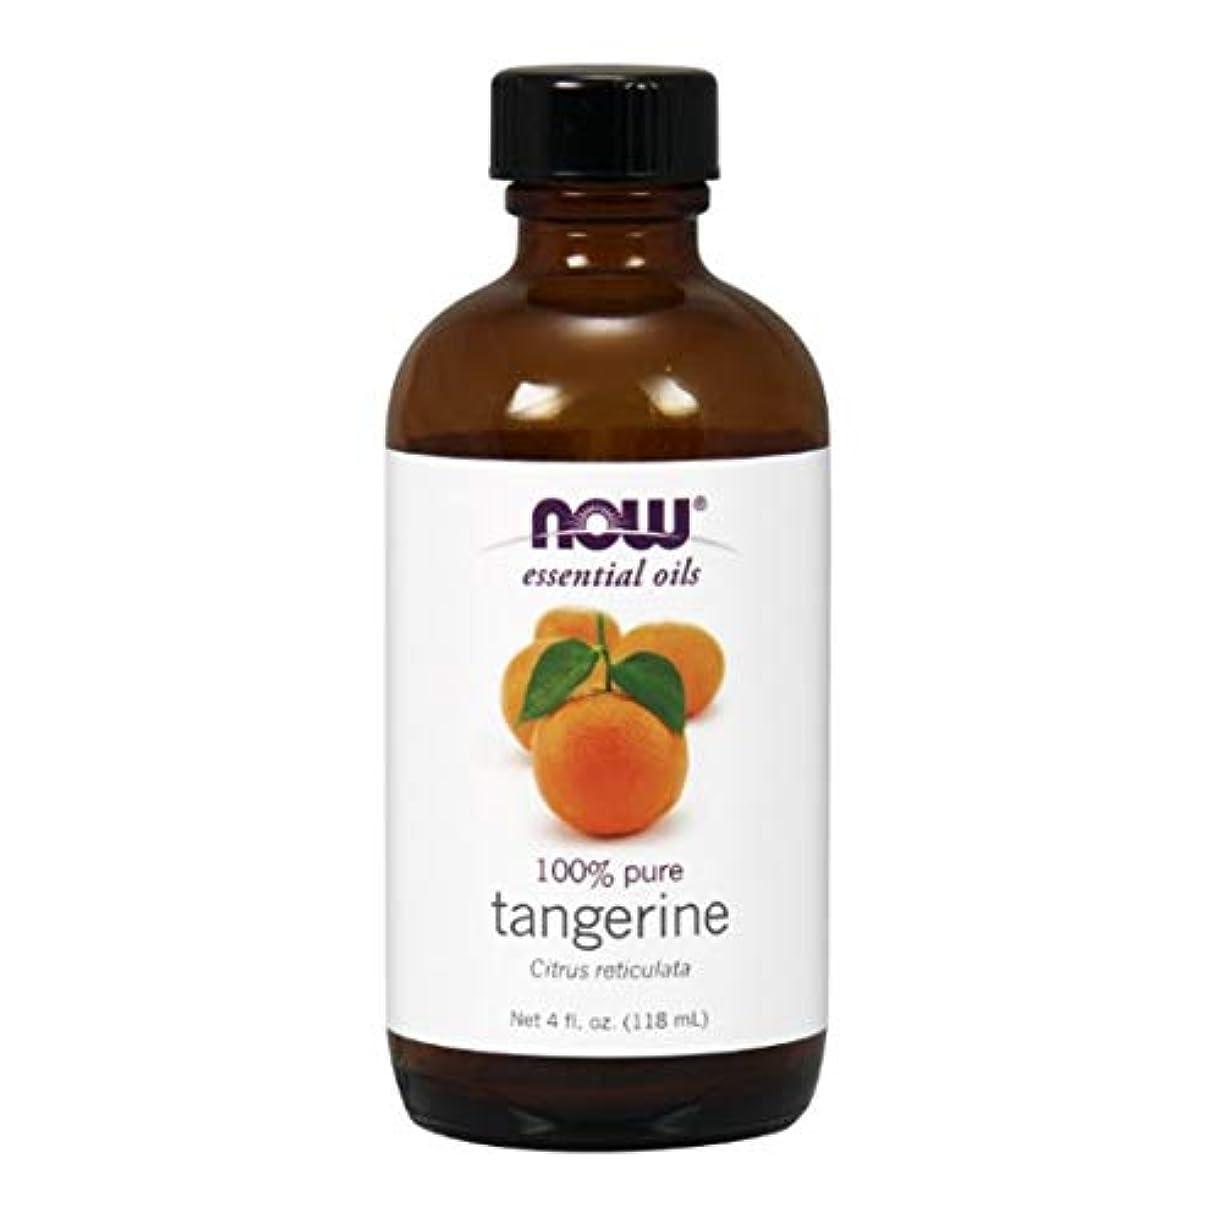 治安判事多くの危険がある状況静的Now - Tangerine Oil 100% Pure 4 oz (118 ml) [並行輸入品]